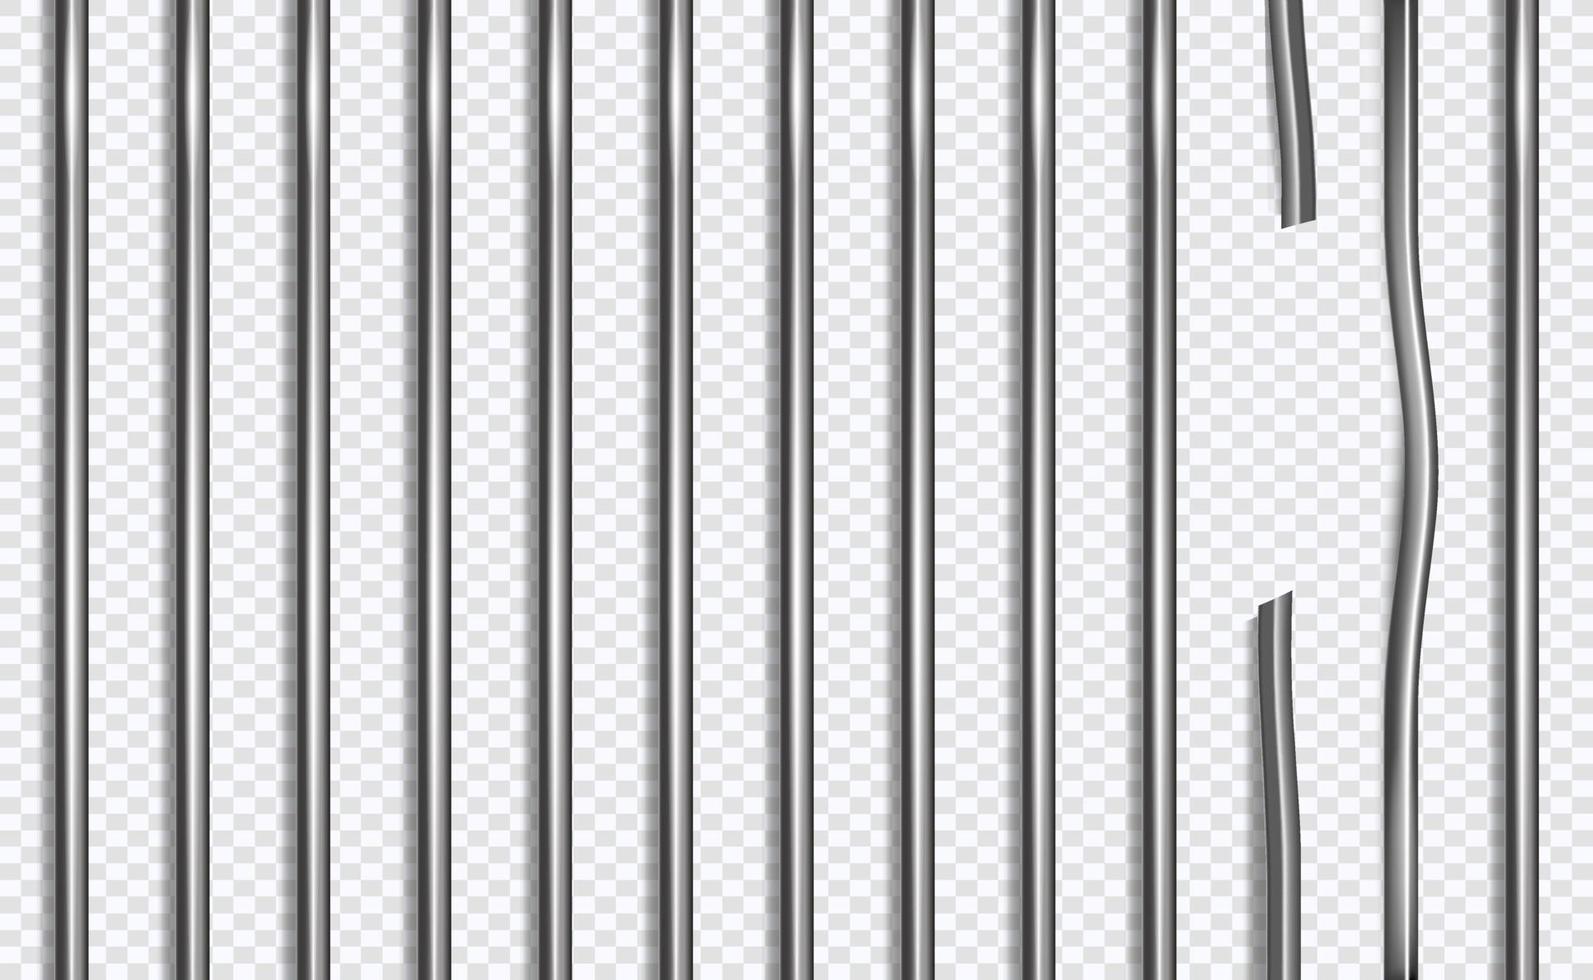 barres de prison cassées dans un style 3d sur fond isolé. illustration vectorielle. vecteur